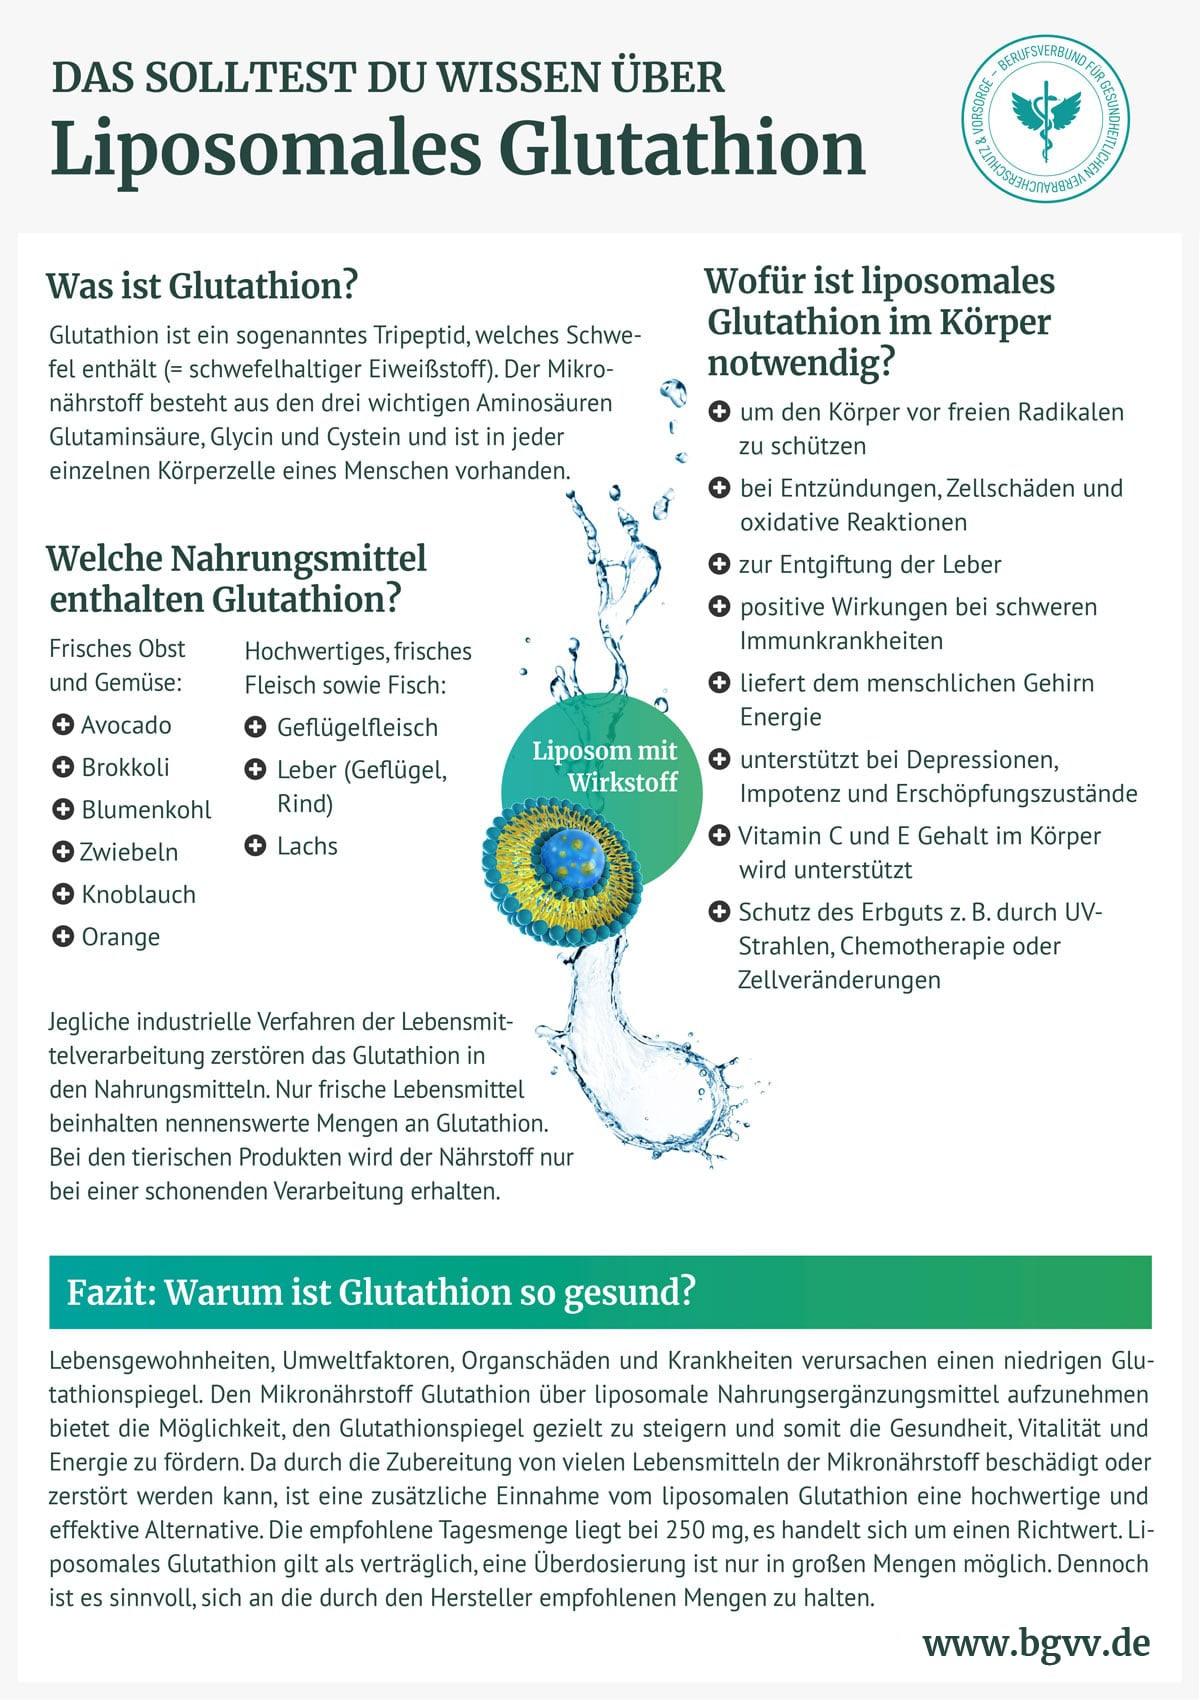 BGVV infografik Liposomales Glutathion